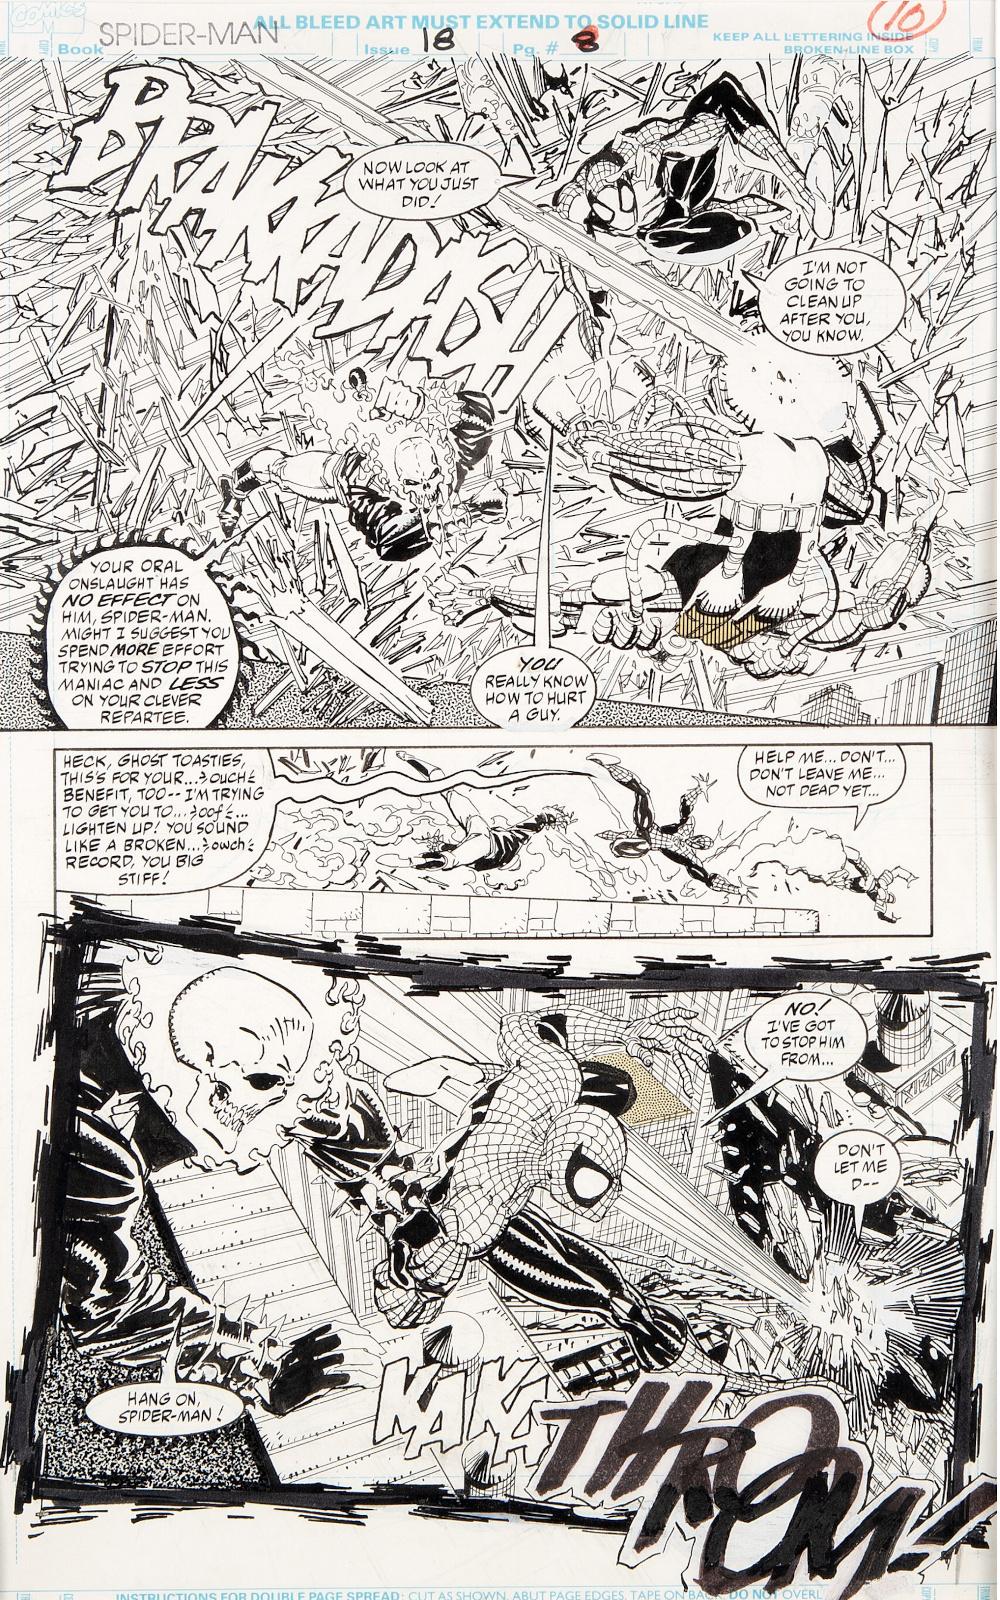 Spider Man issue 18 page 8 by Erik Larsen